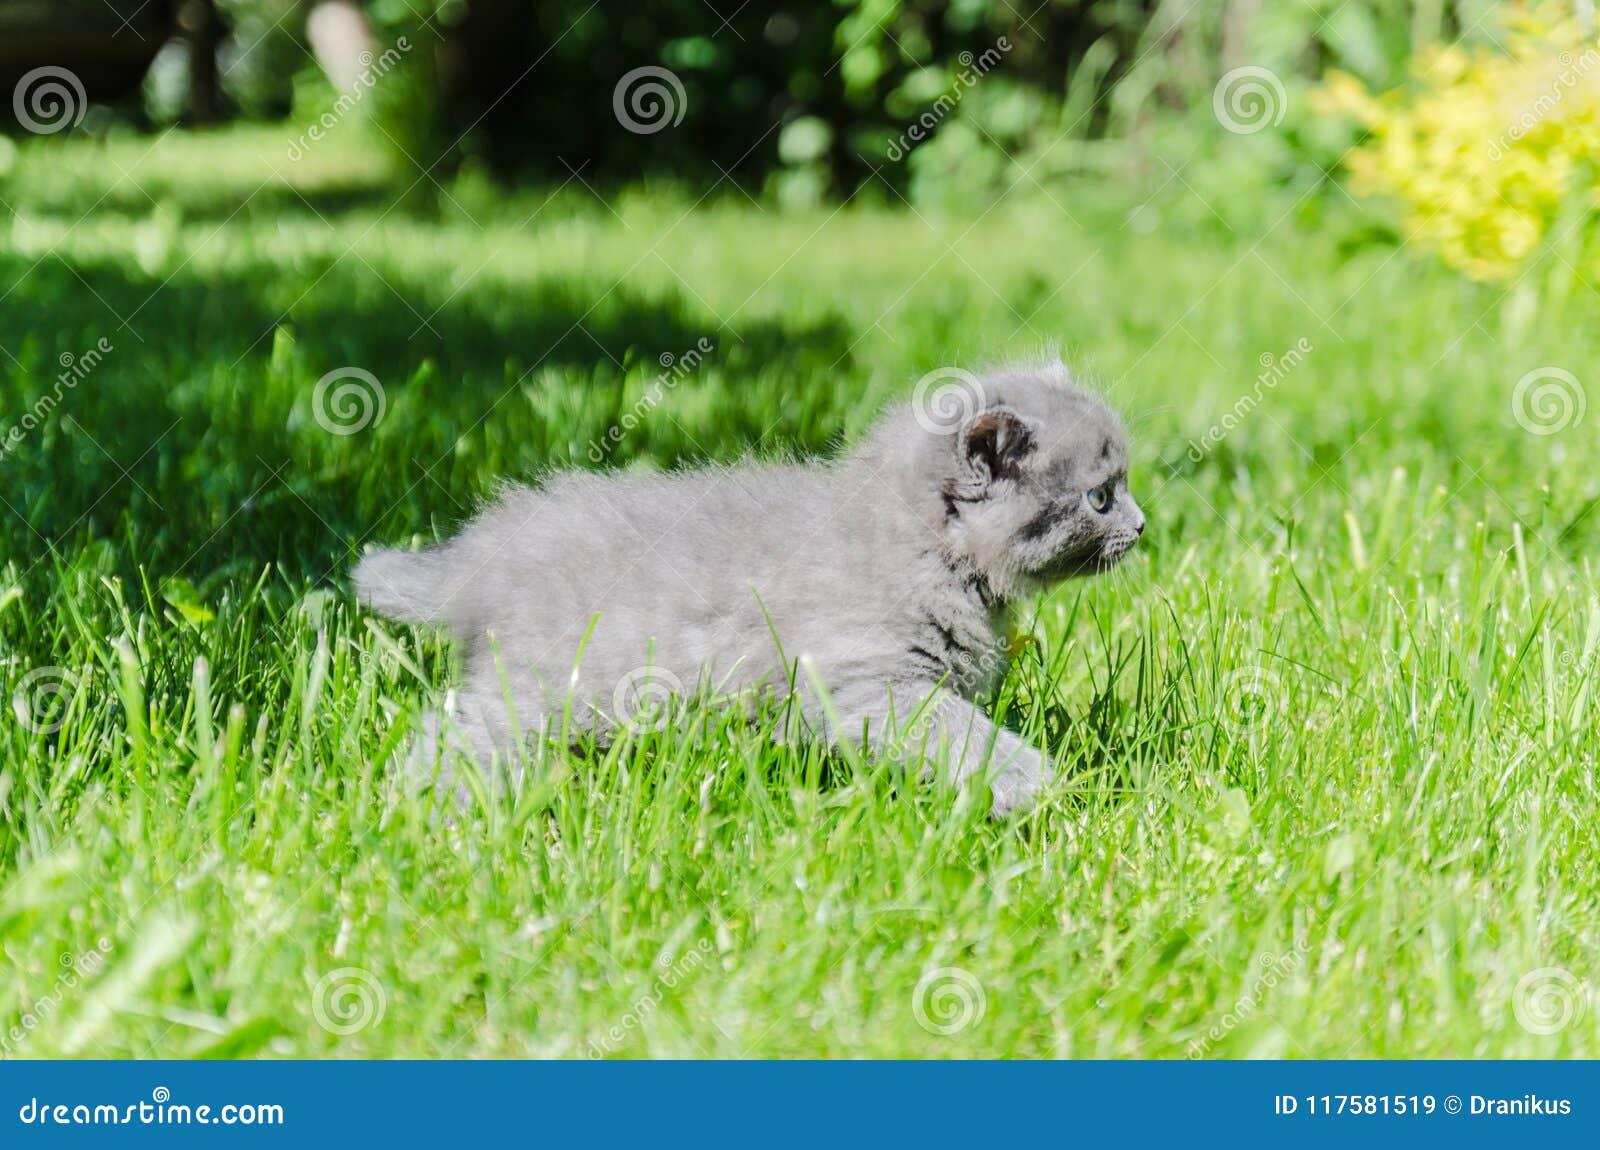 Un gattino sveglio impara intraprendere le prime azione indipendenti